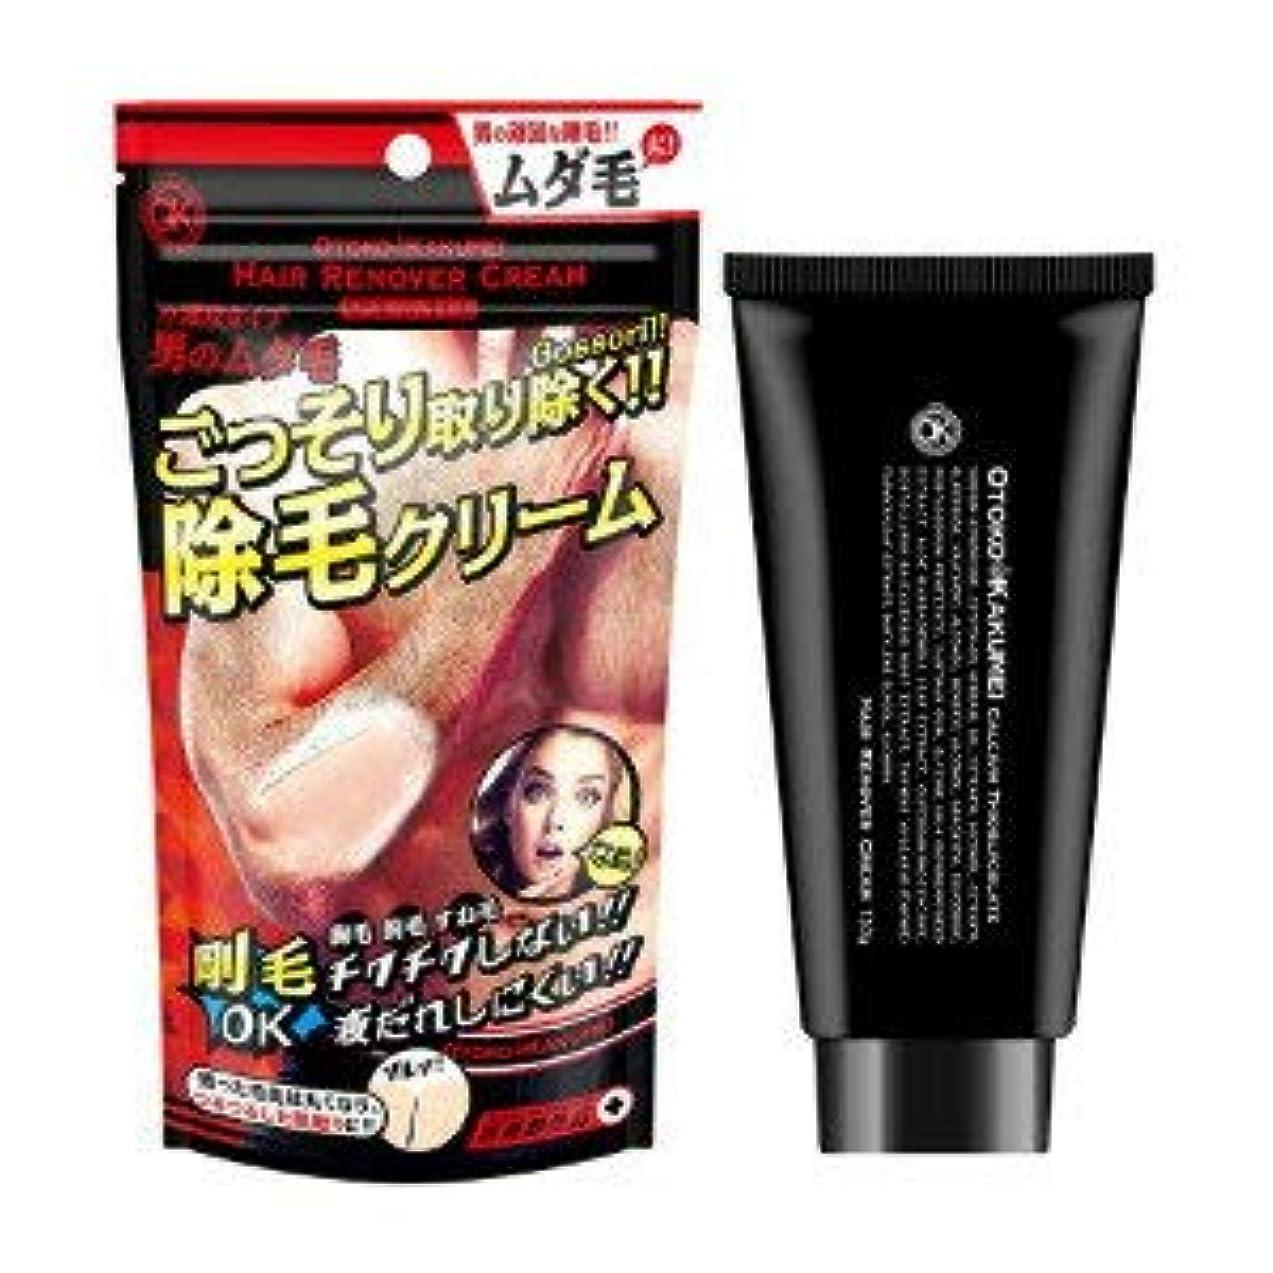 冷笑するウィンク先駆者GR OTOKO KAKUMEI ヘアリムーバークリーム 130g×3個セット (医薬部外品)